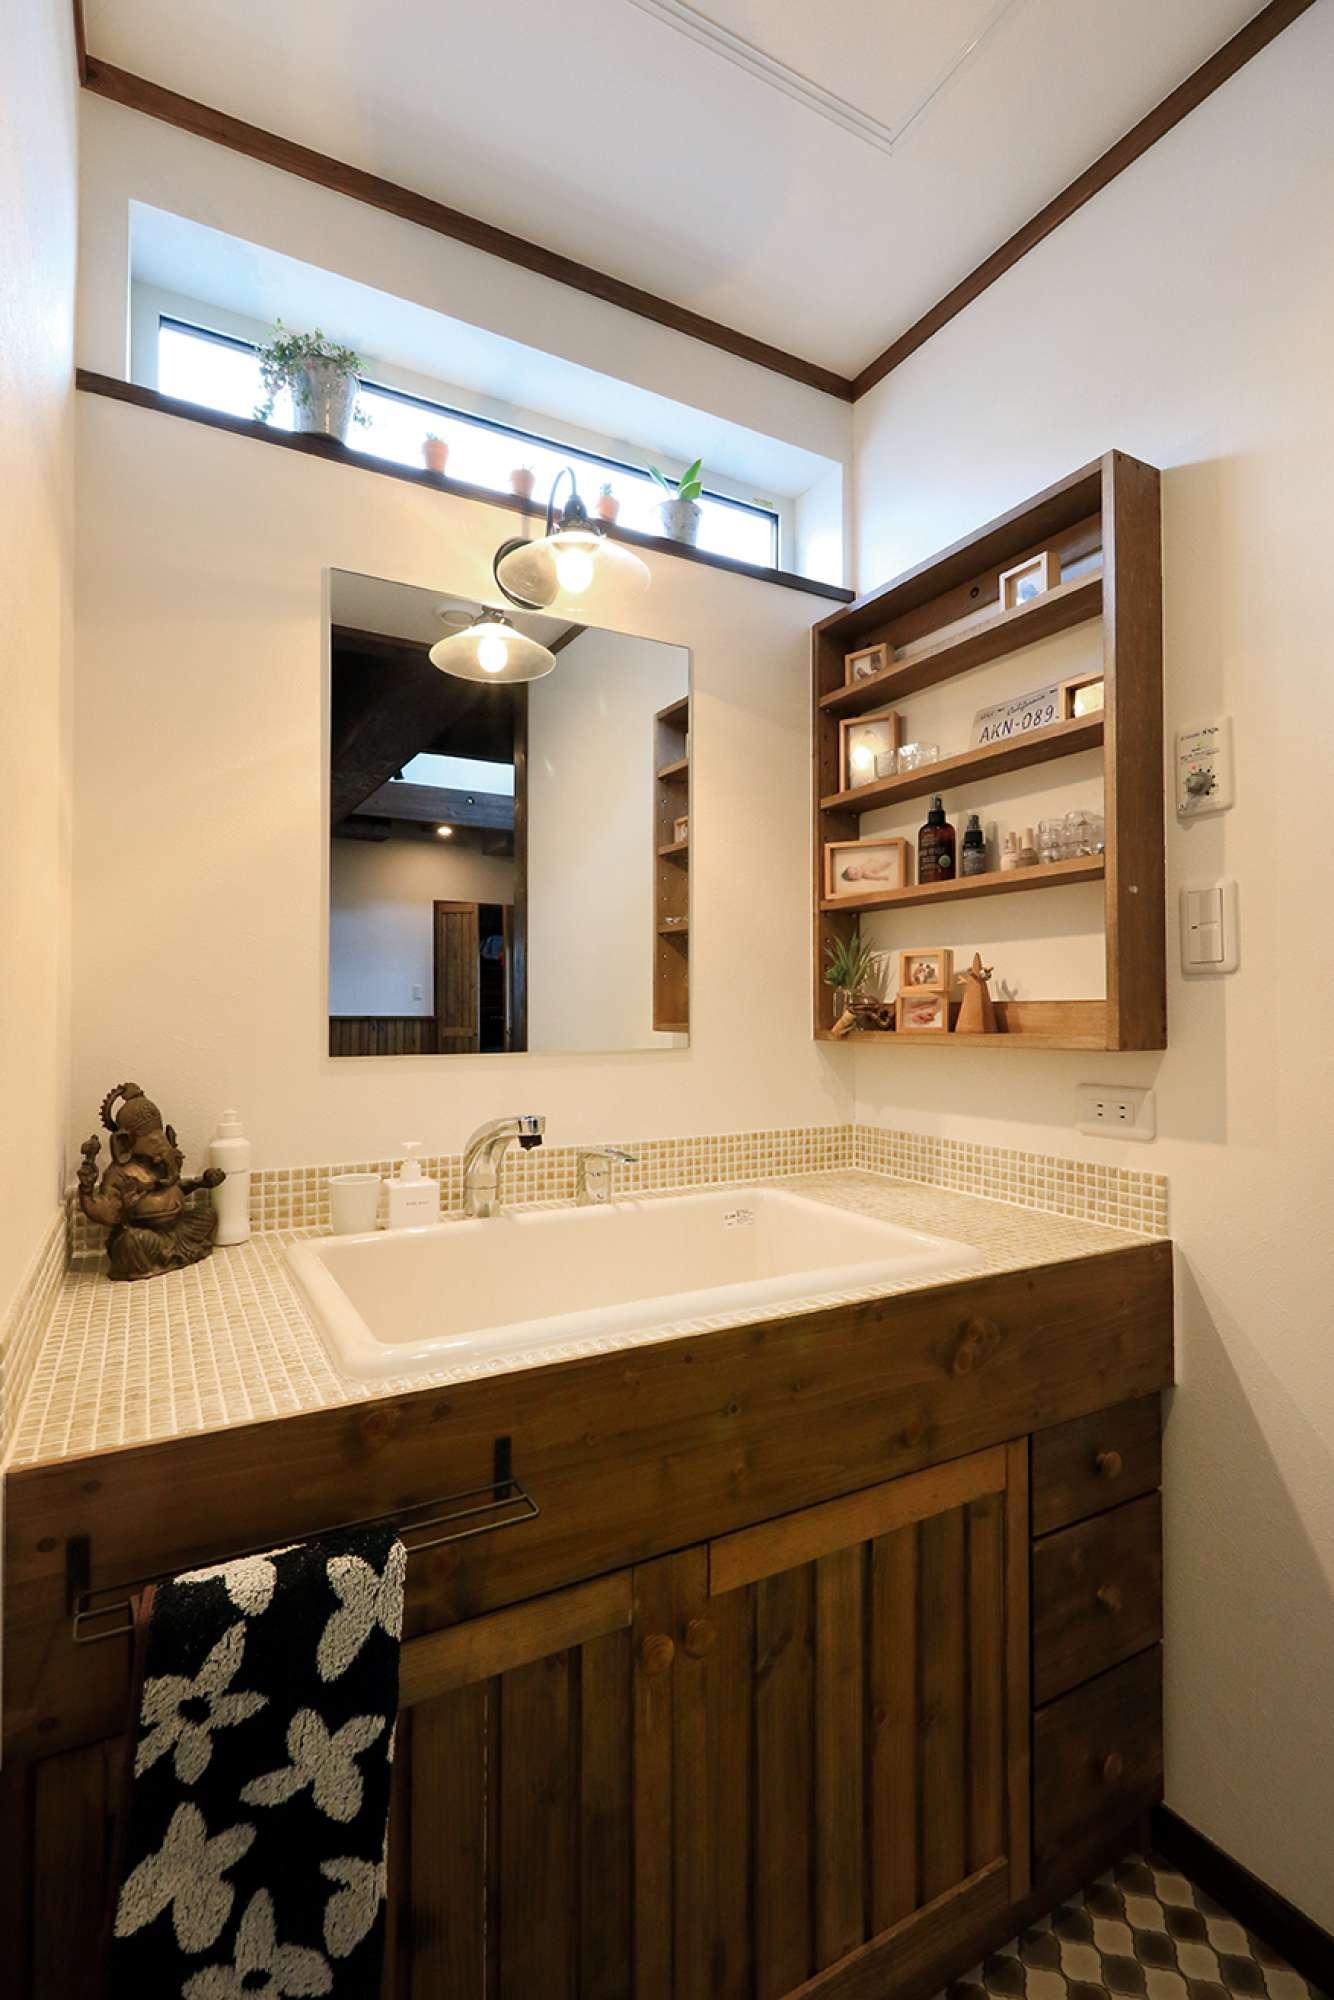 造作の洗面化粧台。上部の窓から自然光が注ぐ設計 -  -  -